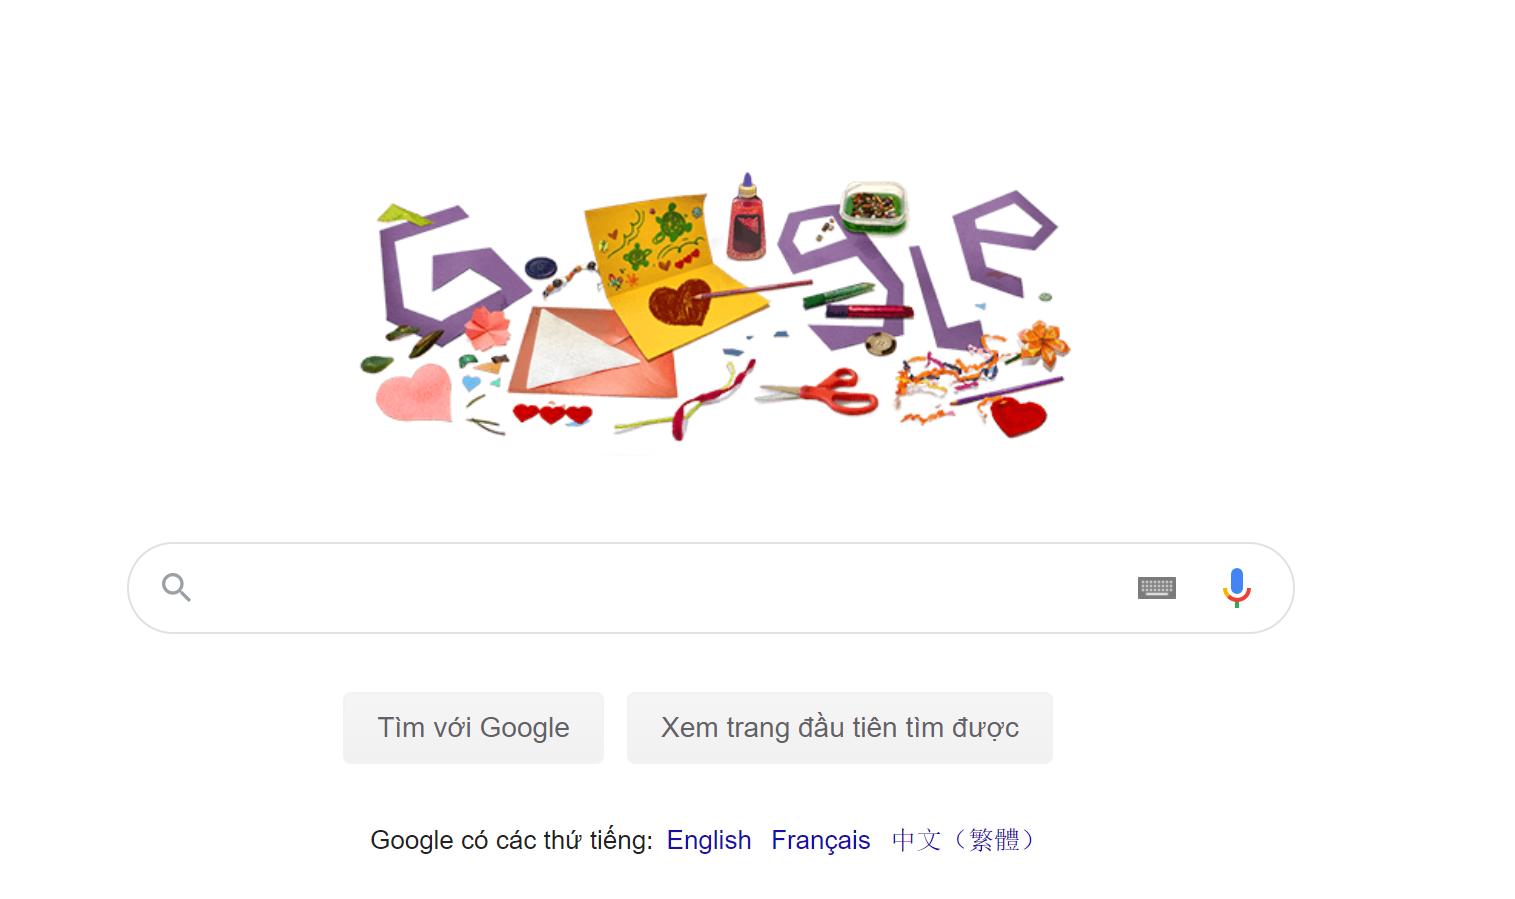 Google ra mắt tính năng giúp người dùng tạo thiệp mừng Ngày của mẹ - Ảnh 1.